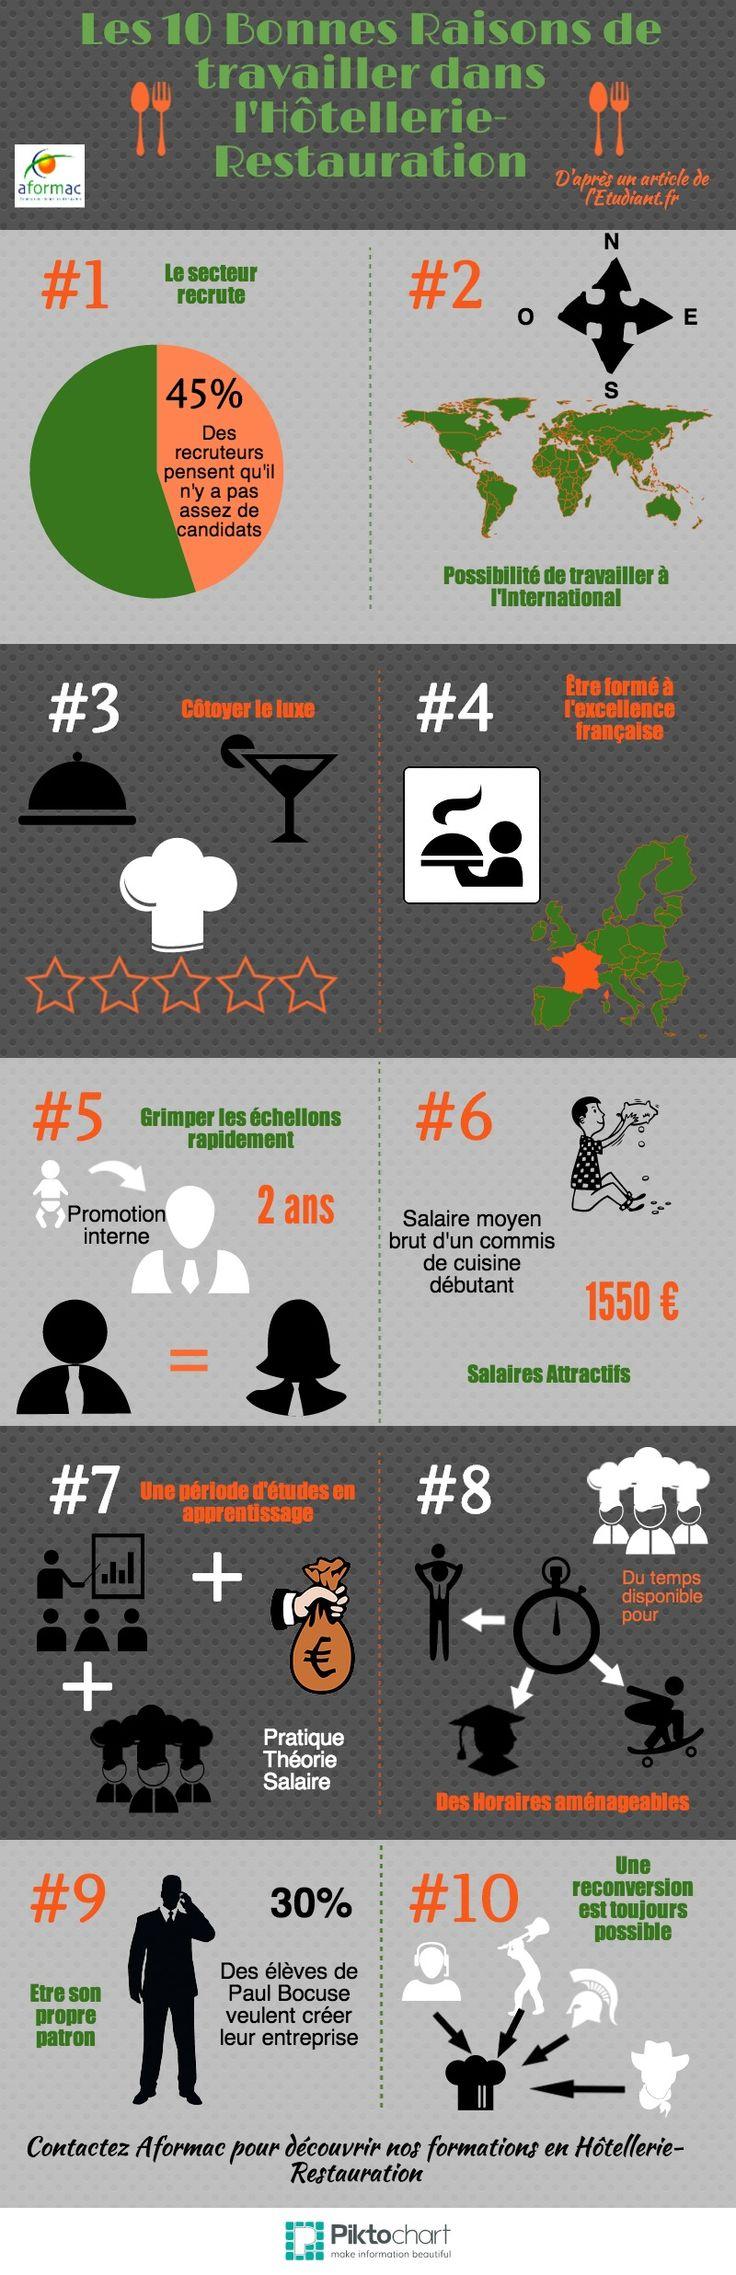 10 bonnes raisons de travailler dans l'Hotellerie Restauration Copy | #gastronomie #formation #professionnelle #emploi @Piktochart Infographic